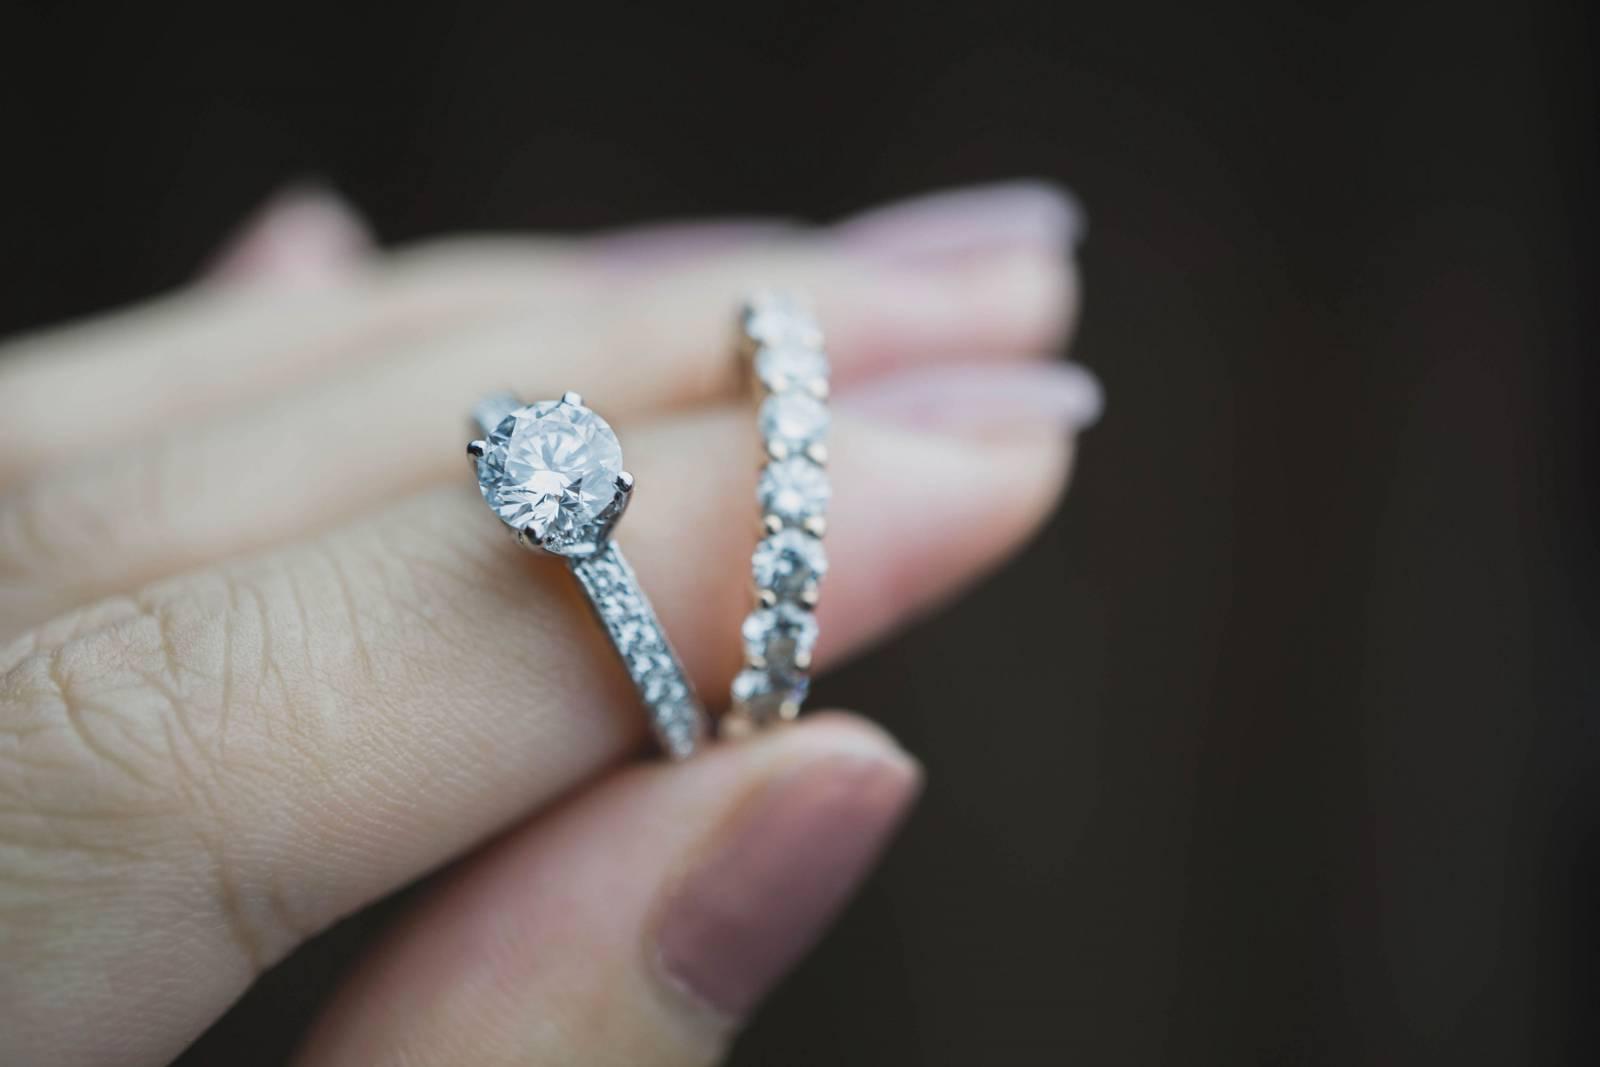 Jewels by Christiaan Van Bignoot - House of Weddings - 5